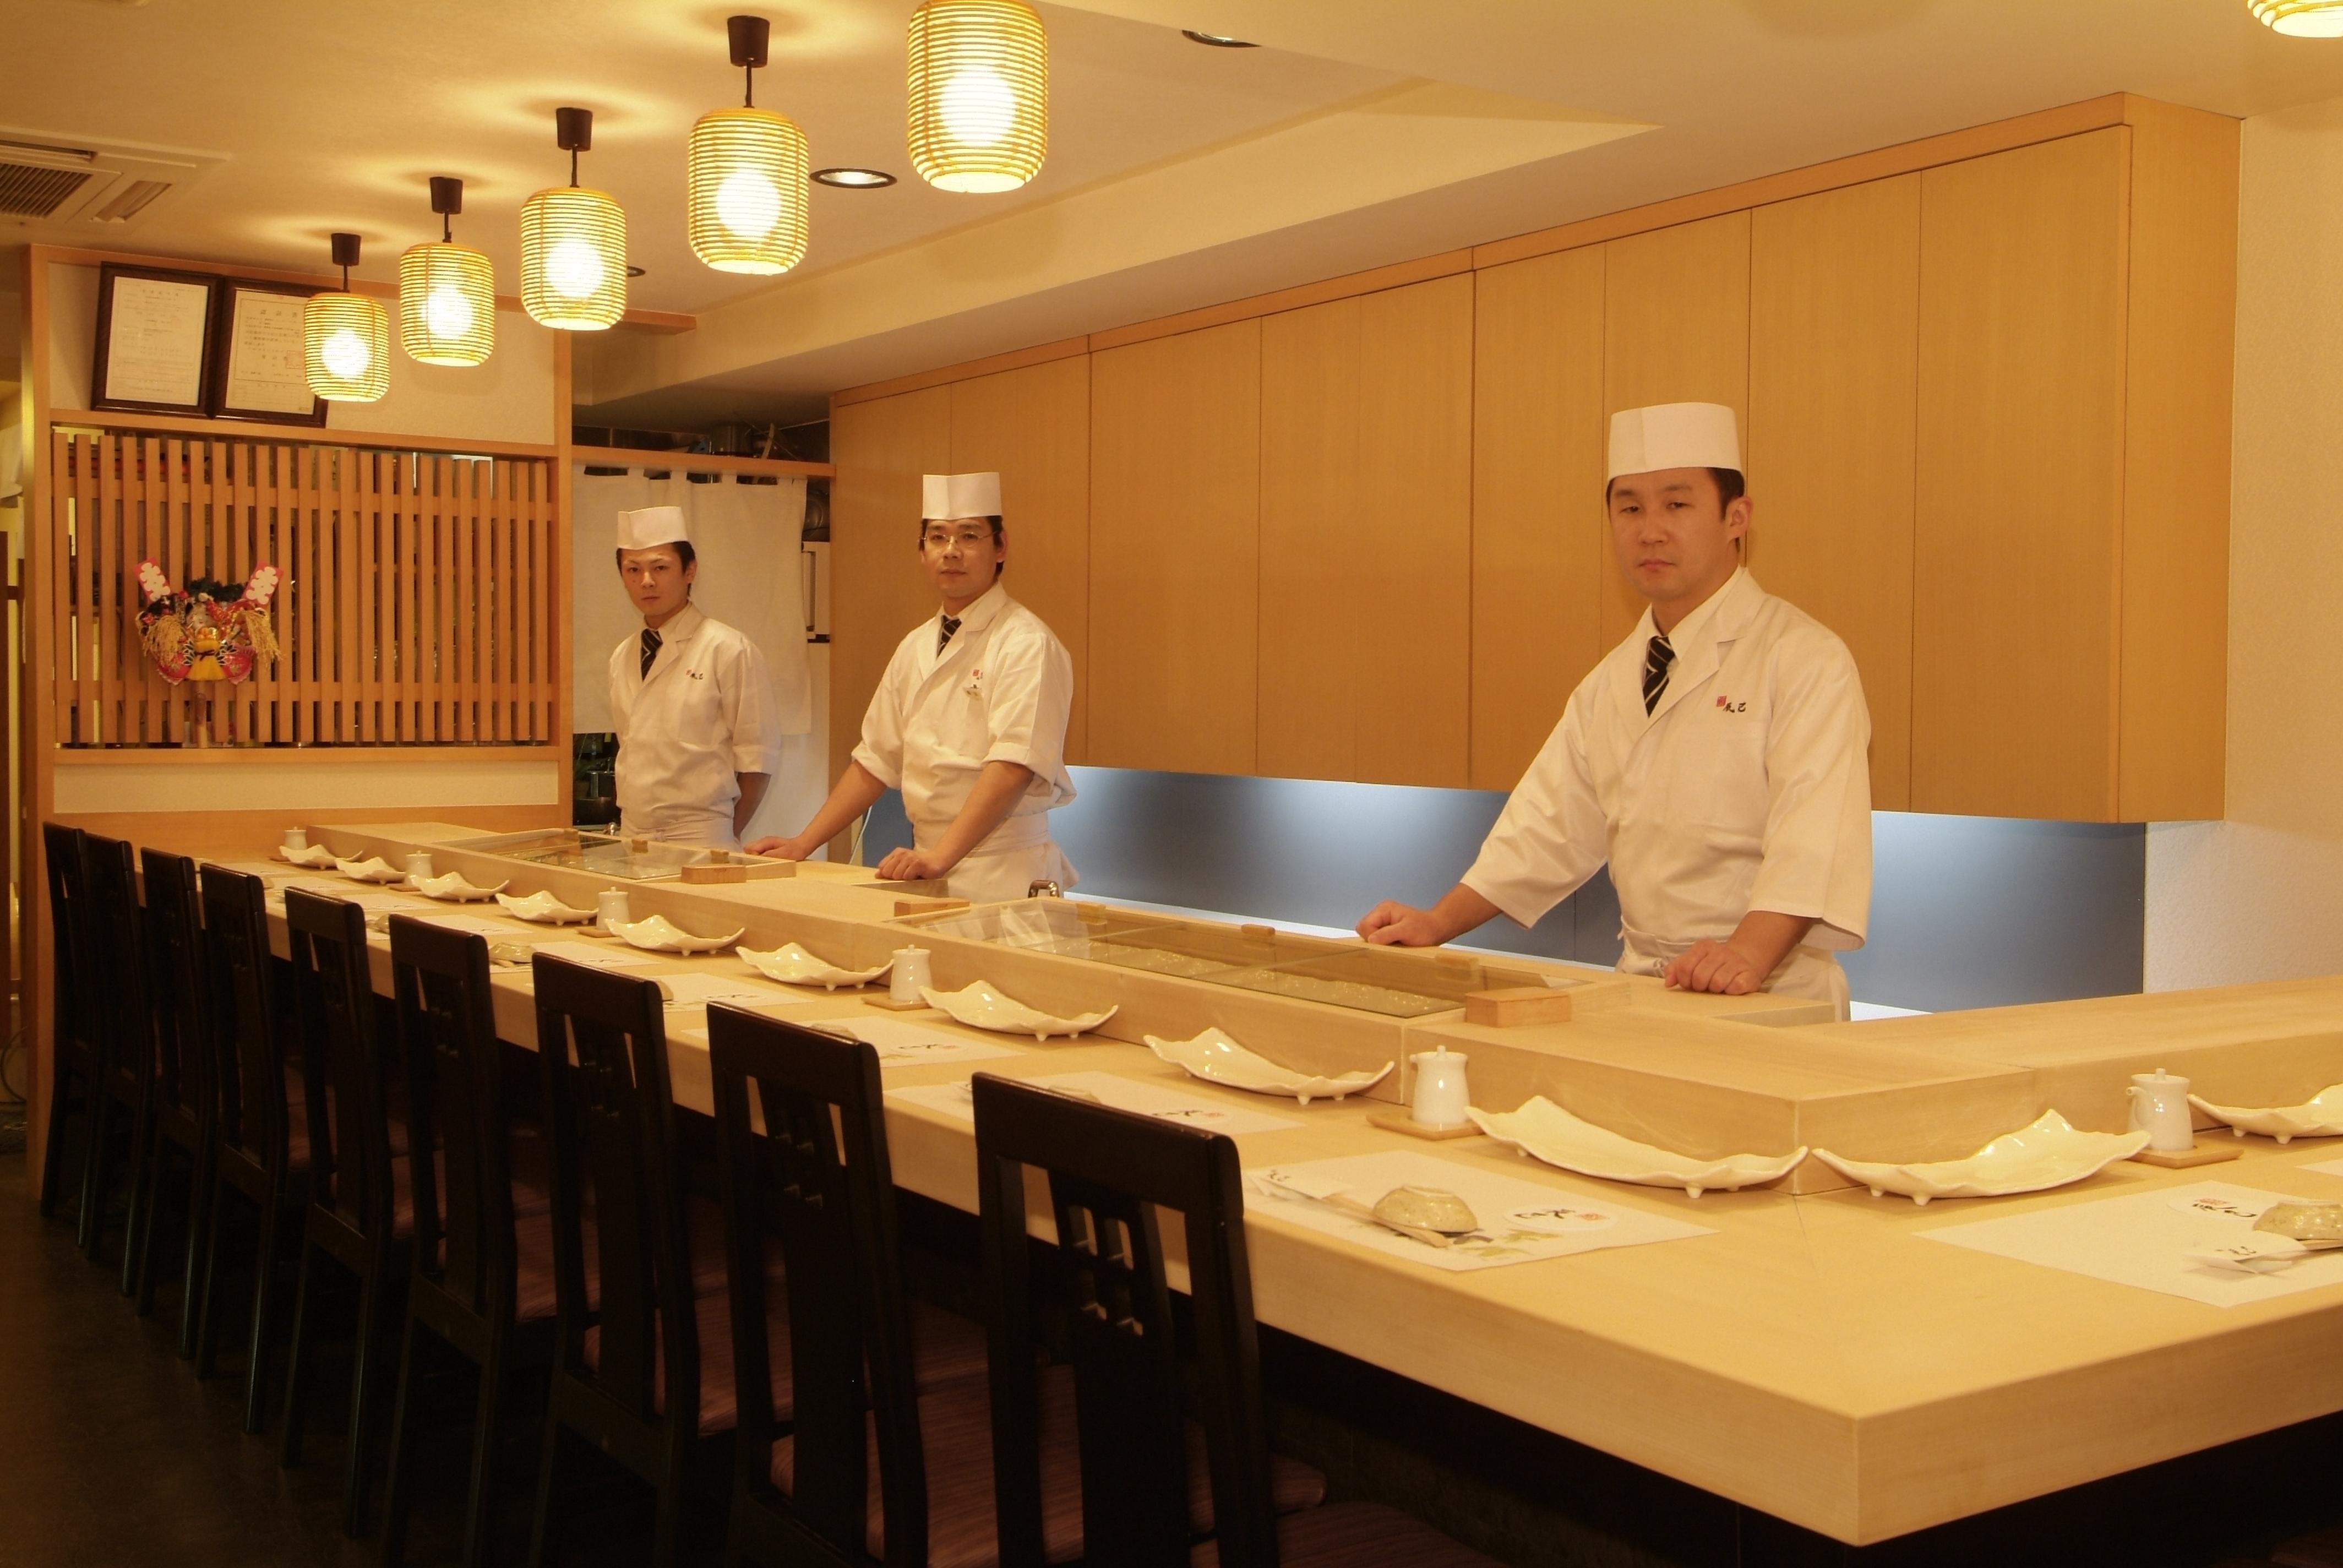 【東京 銀座】高級寿司店 寿司職人見習い求人